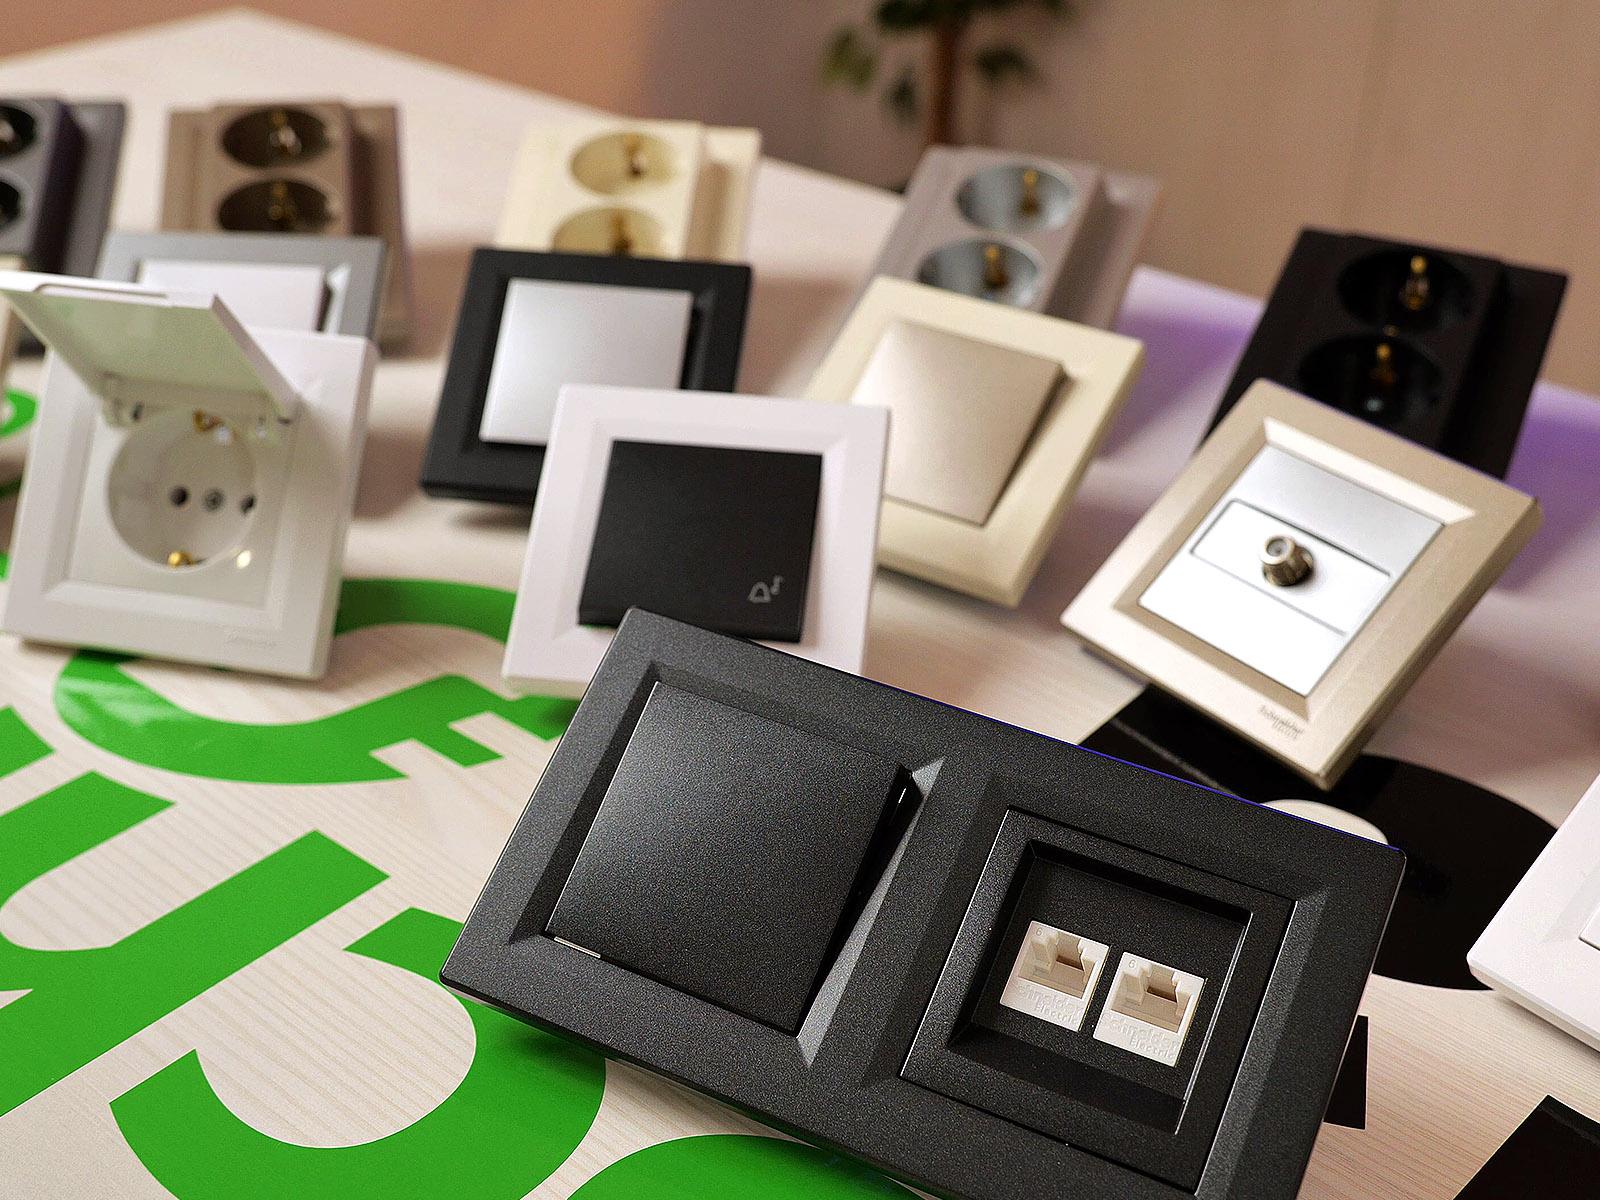 Igény szerint variálhatjuk a különböző Asfora színeket: bronz+alu, fekete+fehér - kinek hogyan tetszik.